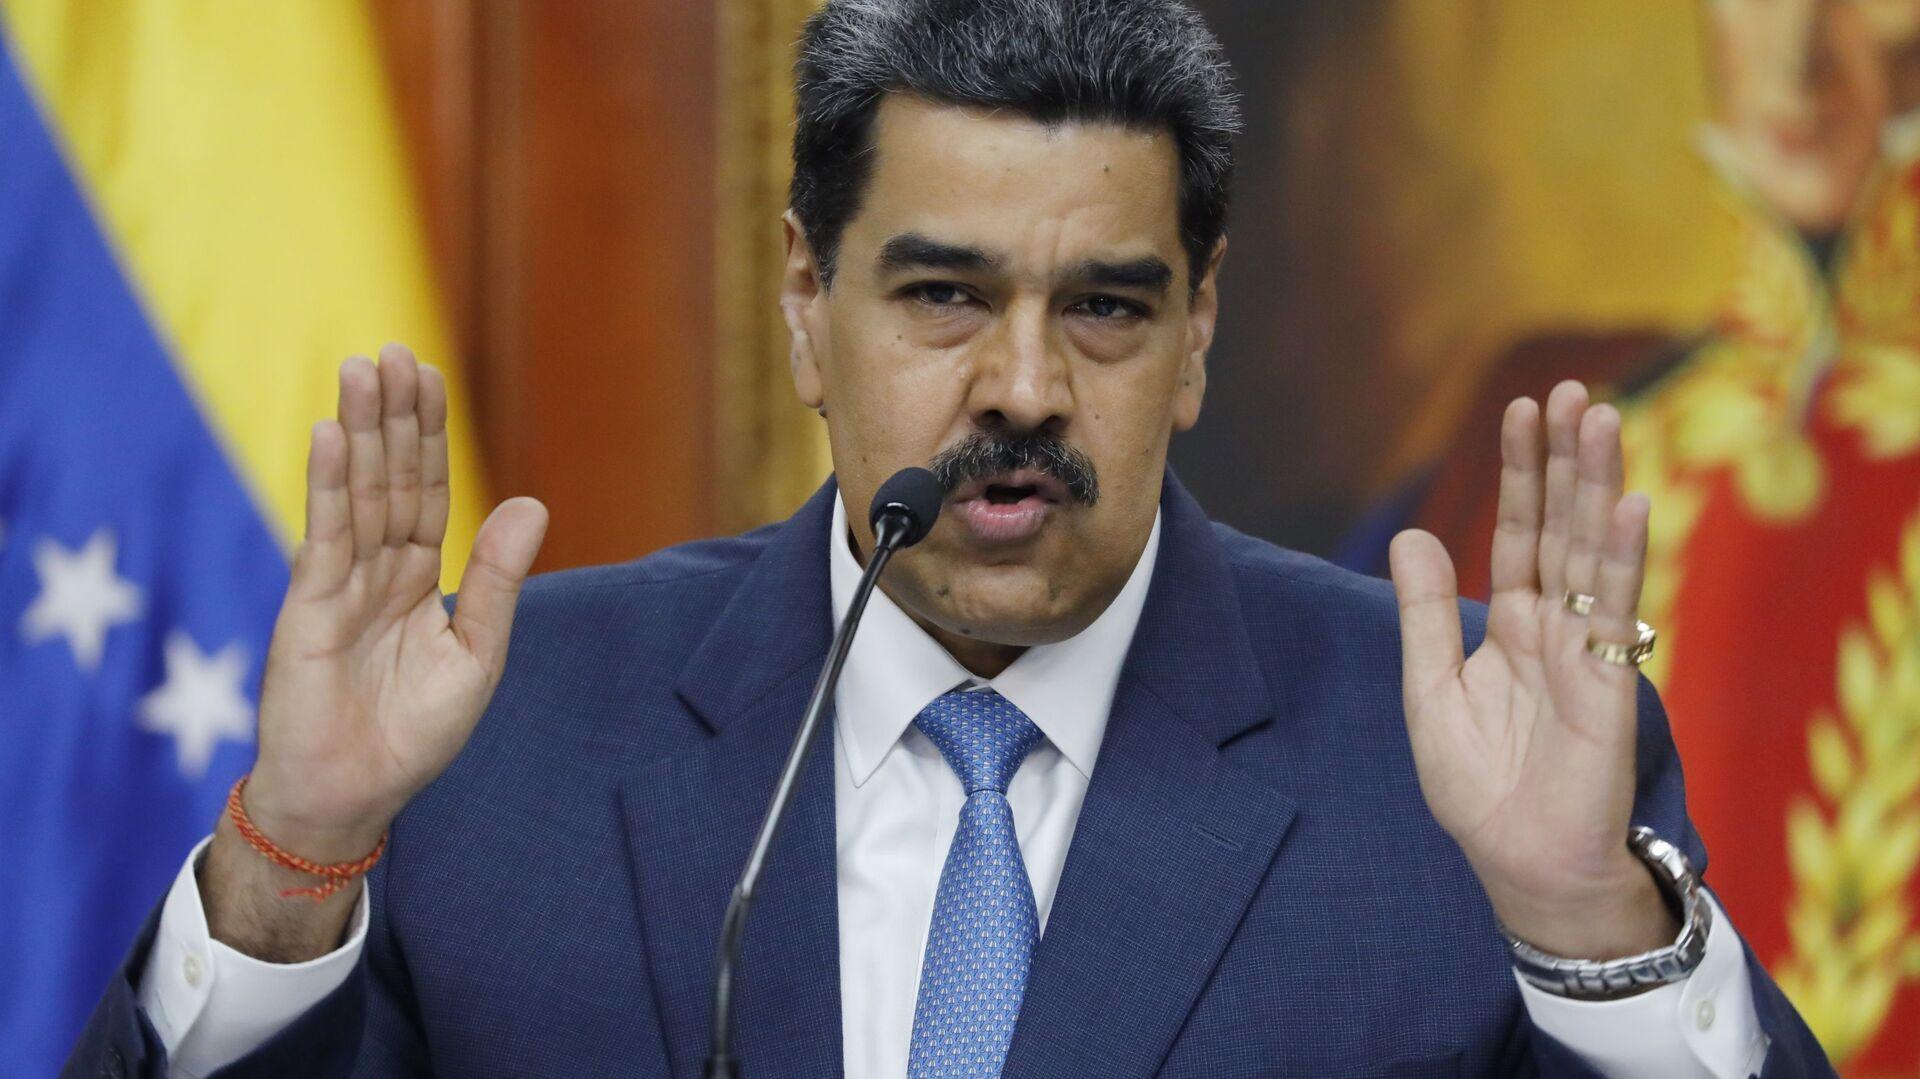 Nicolás Maduro, el presidente de Venezuela - Sputnik Mundo, 1920, 22.09.2021